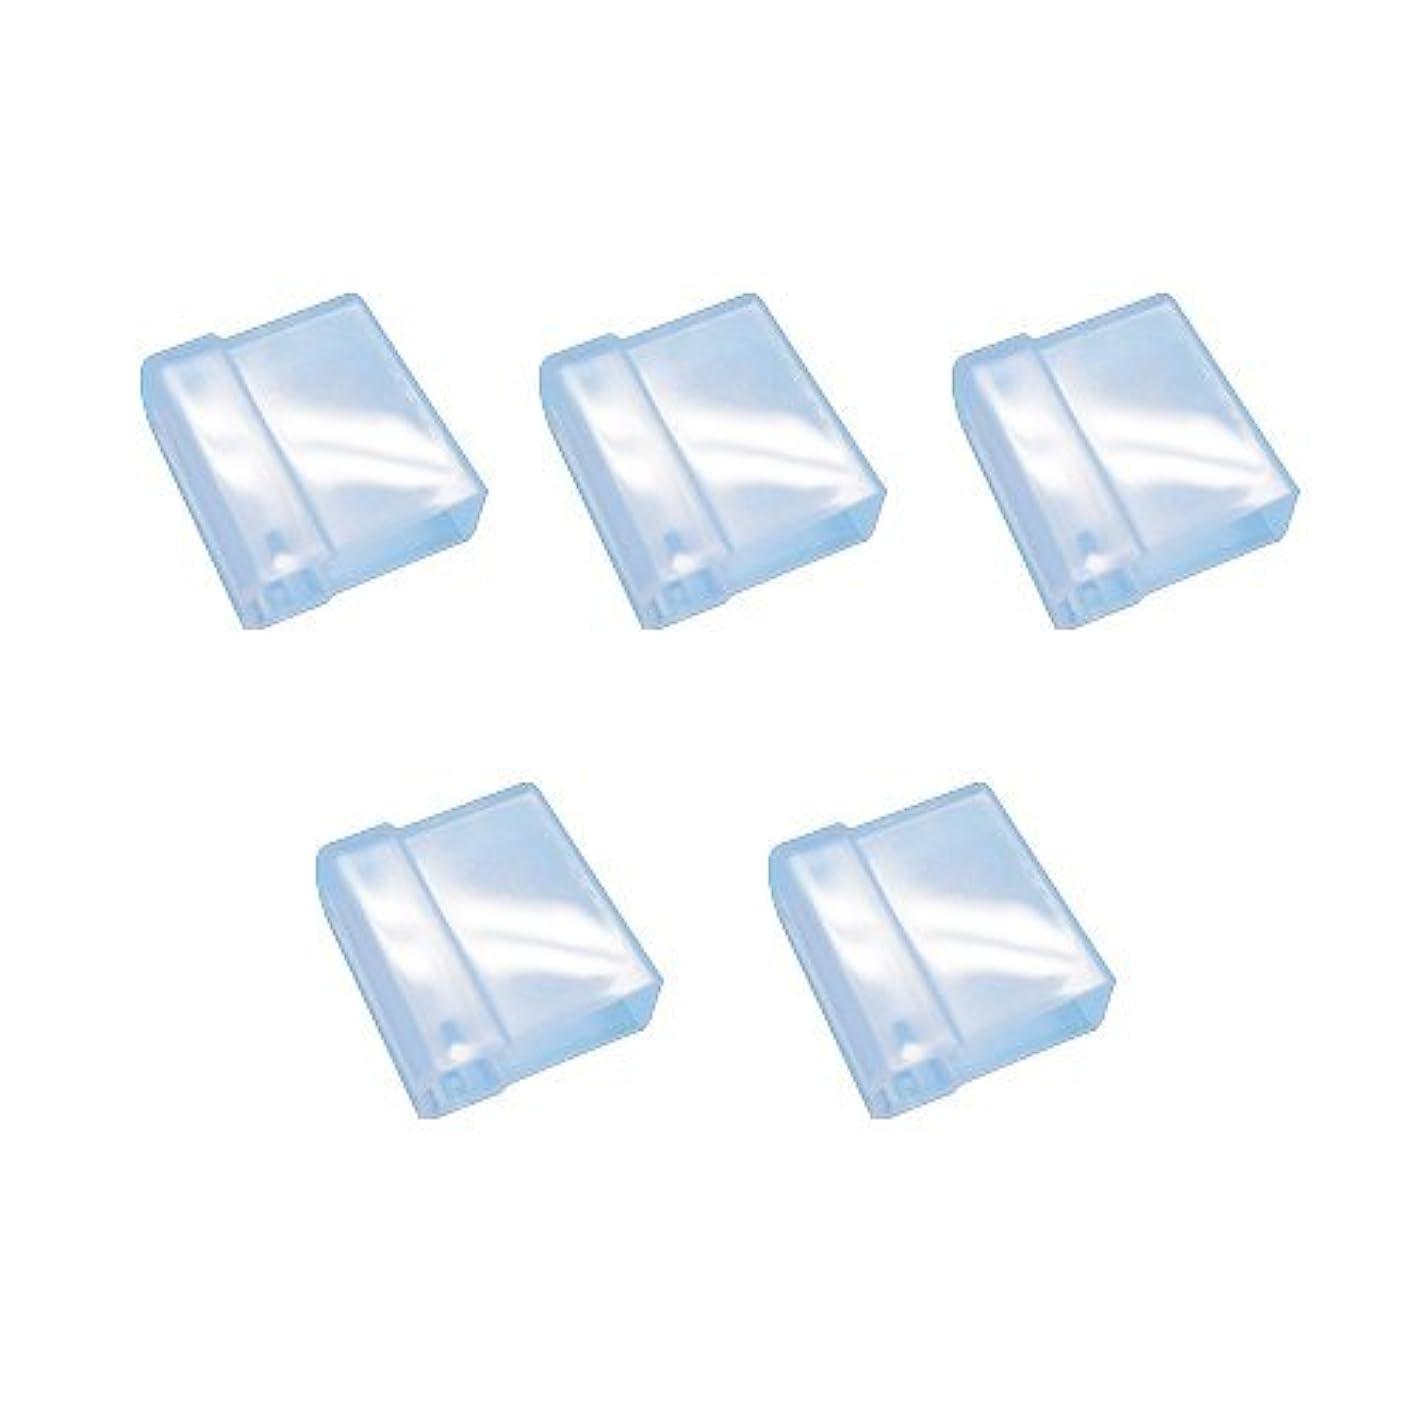 追加アカウント毎年タフト24専用 スライド式キャップ 5個入